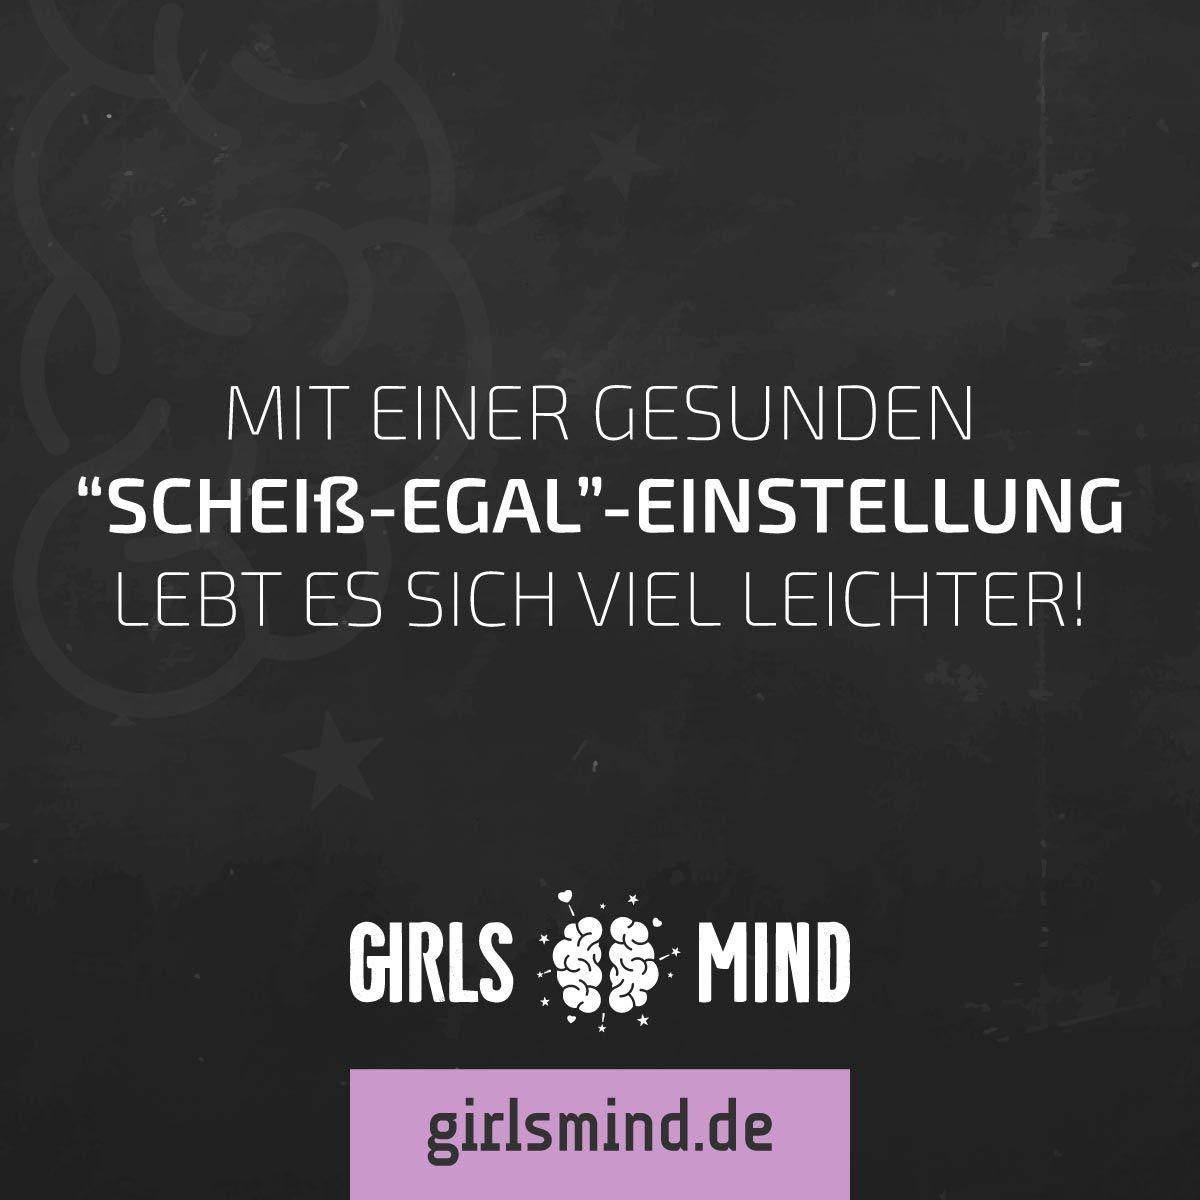 Das Motto für den heutigen Tag! Mehr Sprüche auf: .girlsmind.de